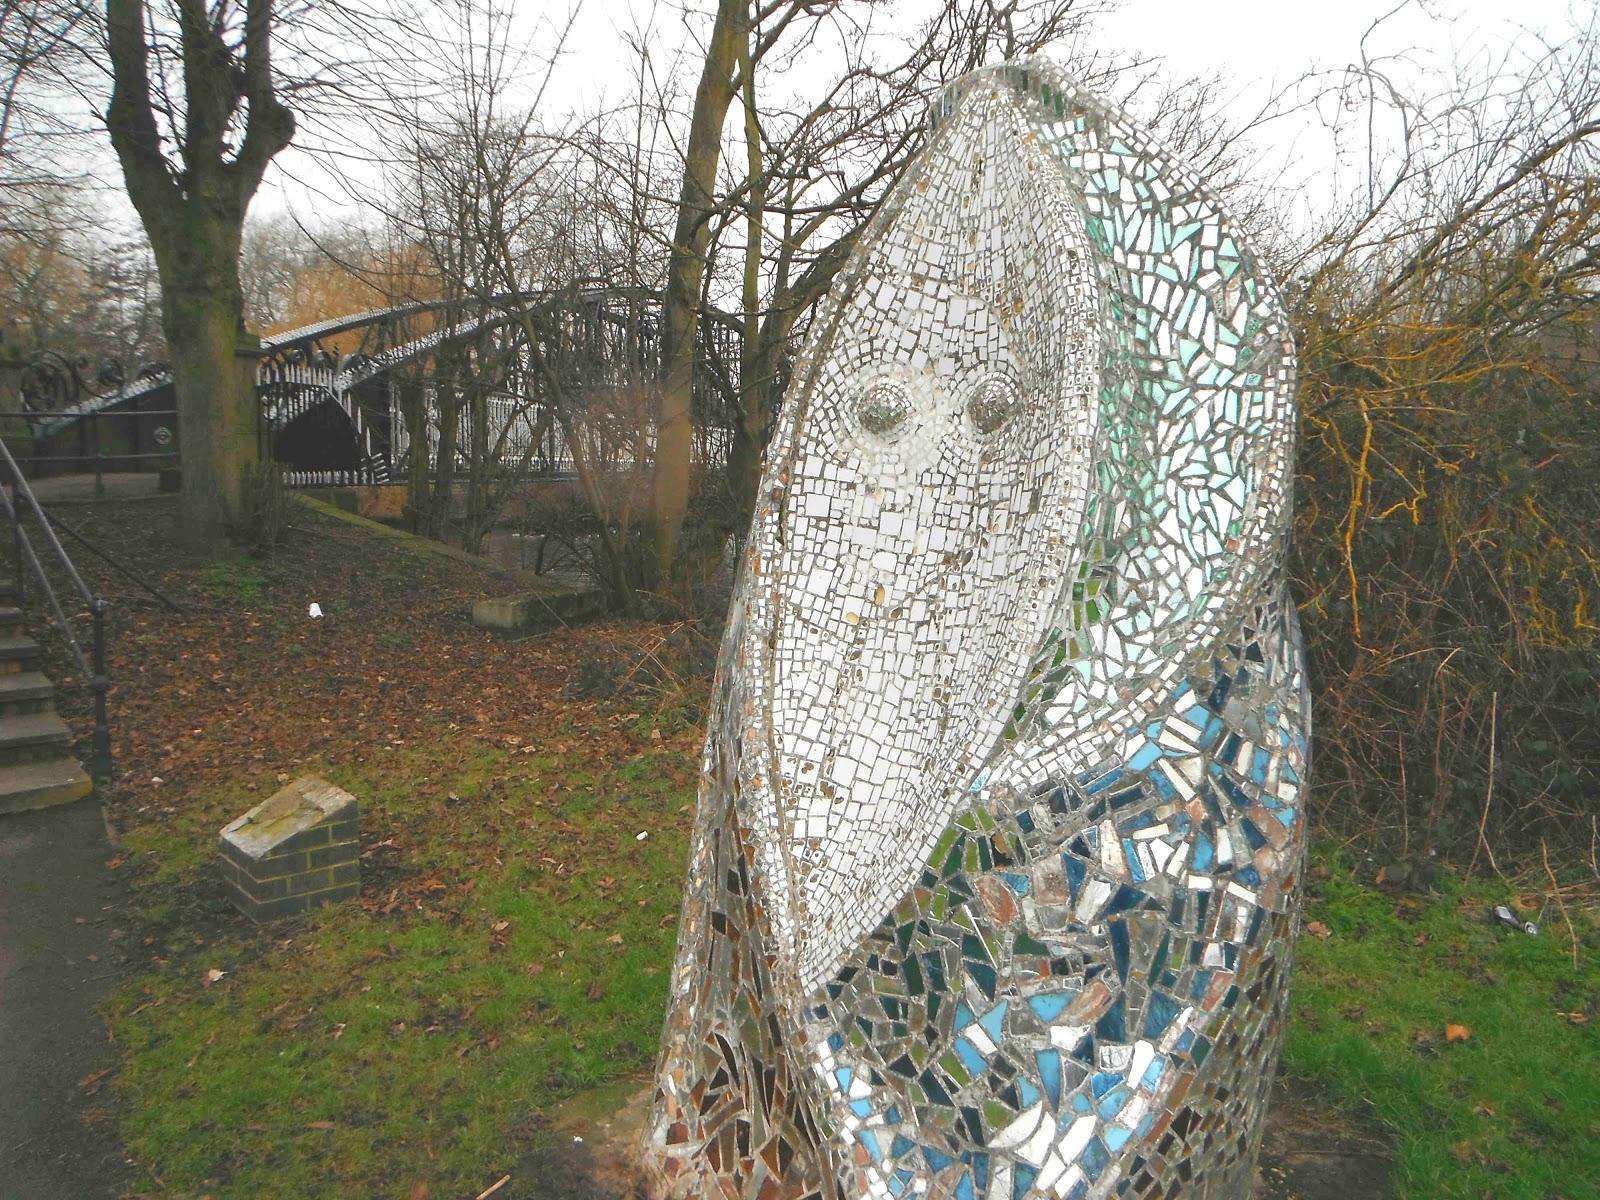 'Watching The Washlands' - sculpture by Hattie Coppard